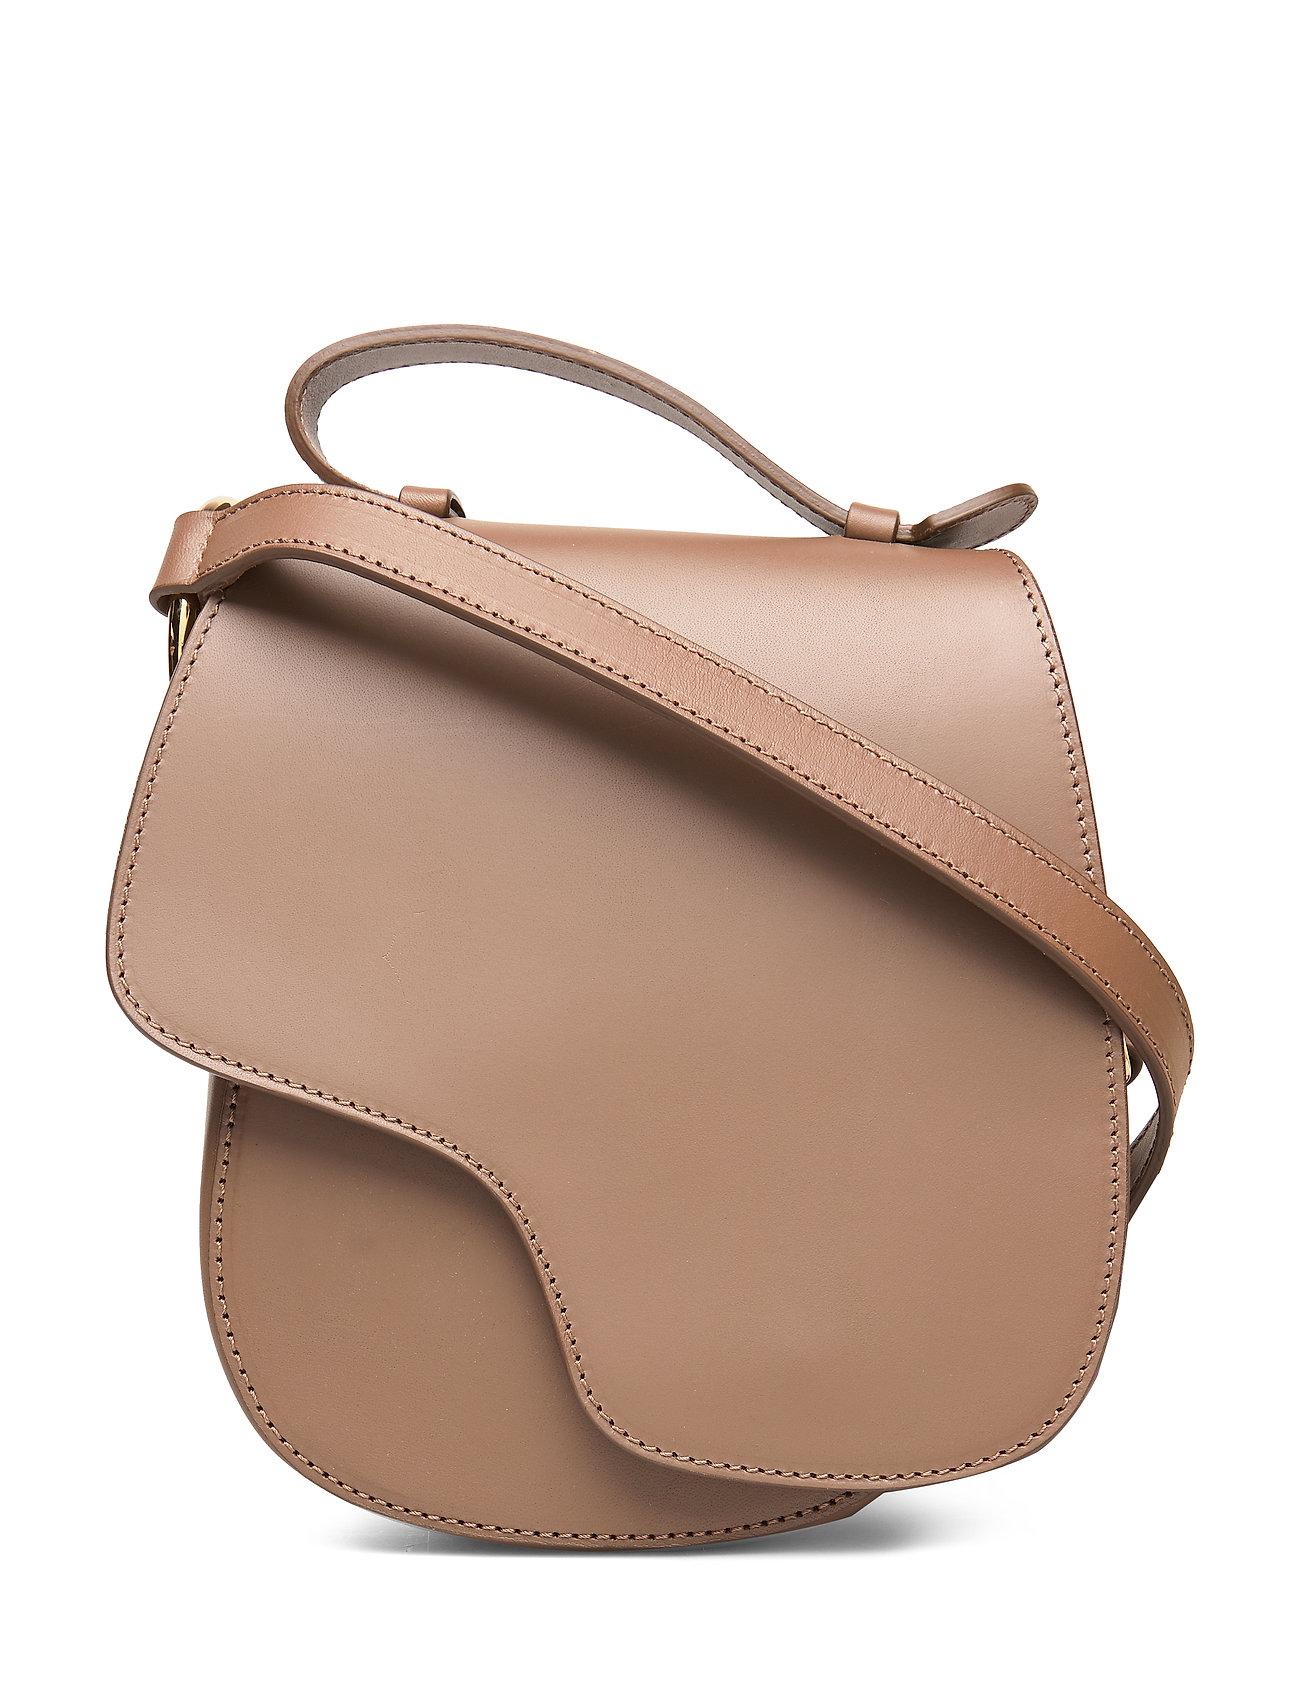 Image of Carrara Bags Small Shoulder Bags - Crossbody Bags Brun ATP Atelier (3281391709)